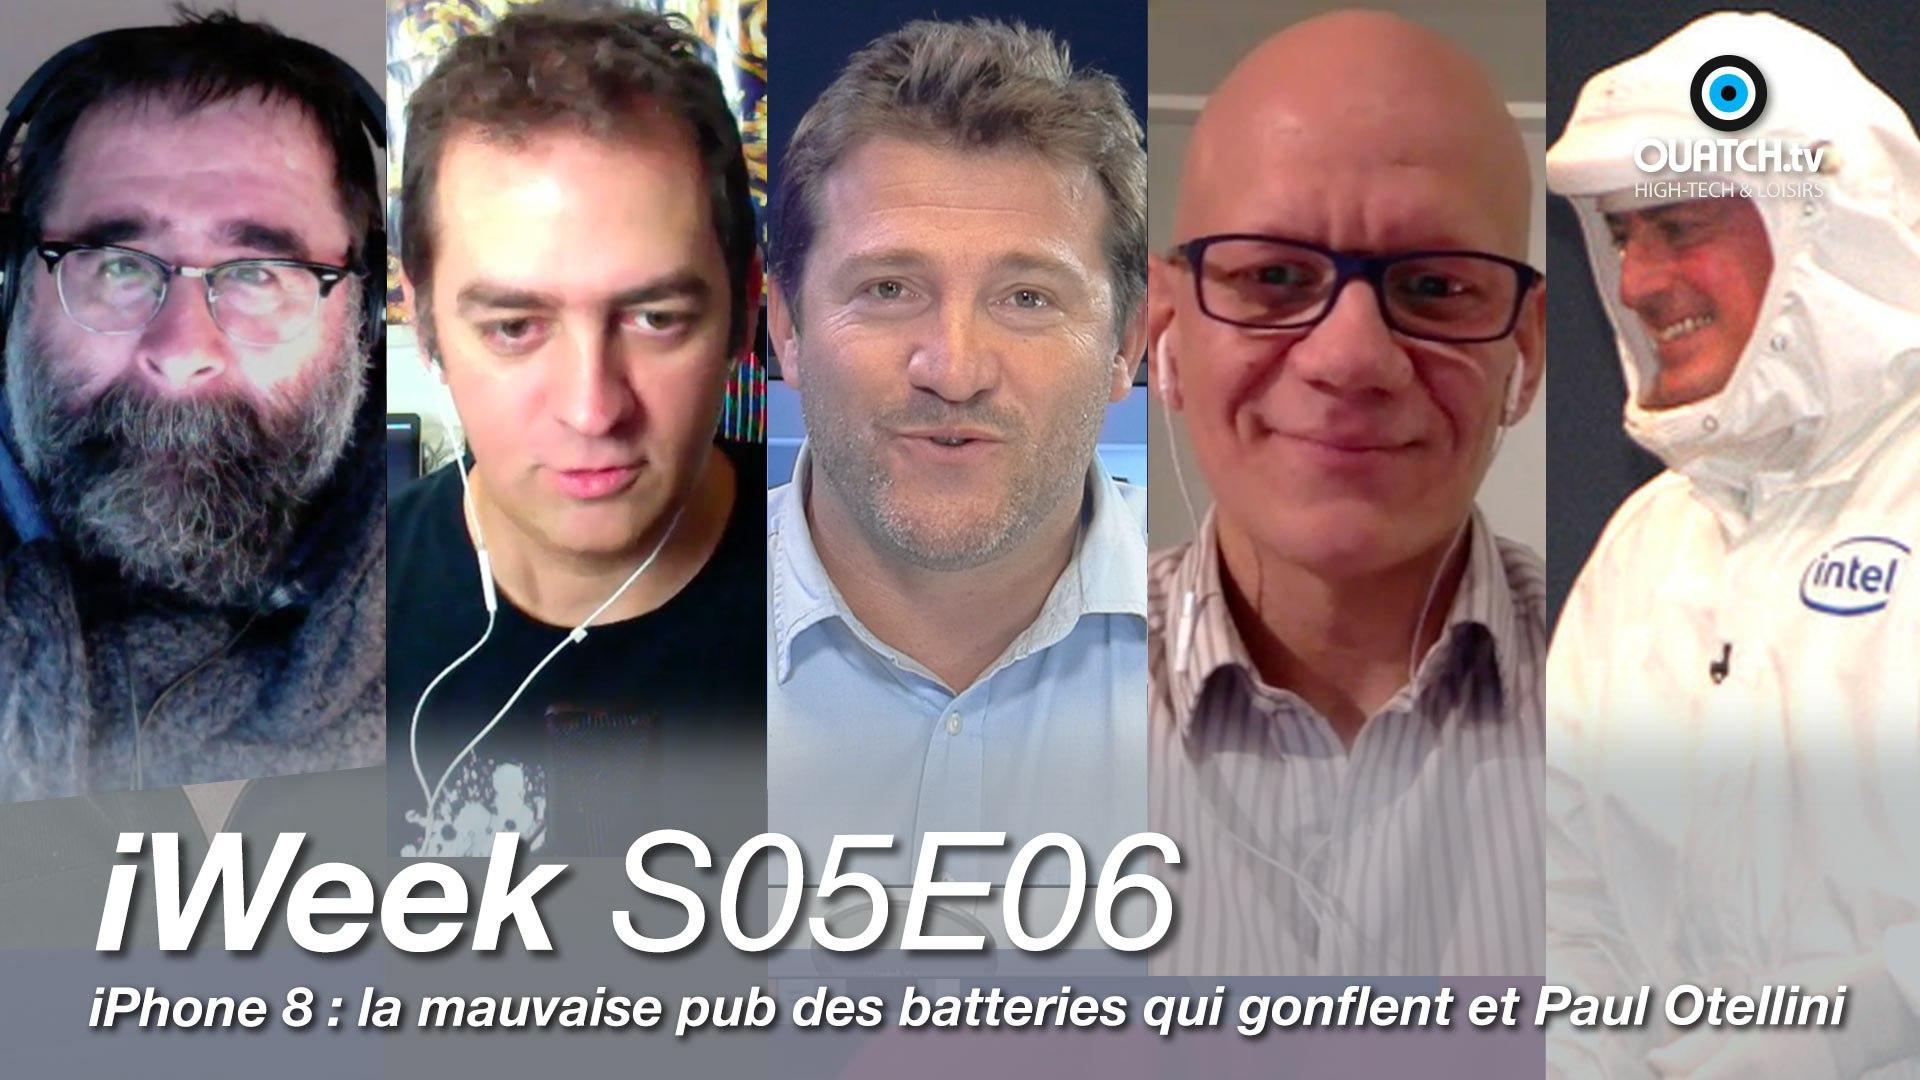 iWeek S05E06 : iPhone 8 : la mauvaise pub des batteries qui gonflent et Paul Otellini